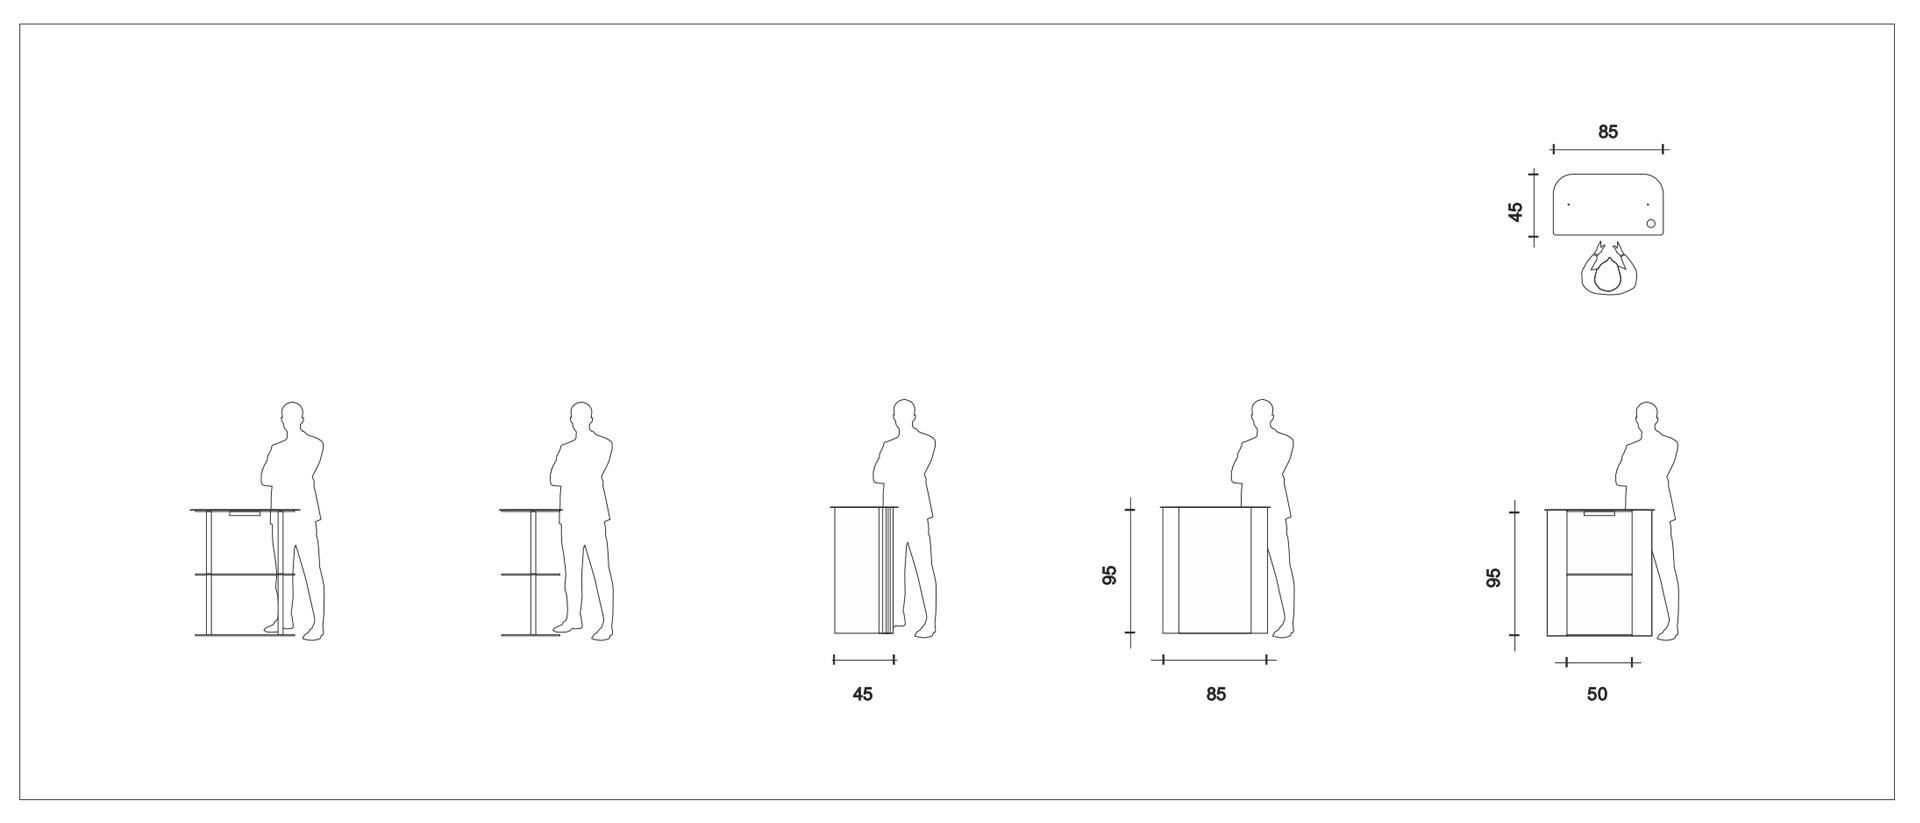 diseño de mostrador de recepción